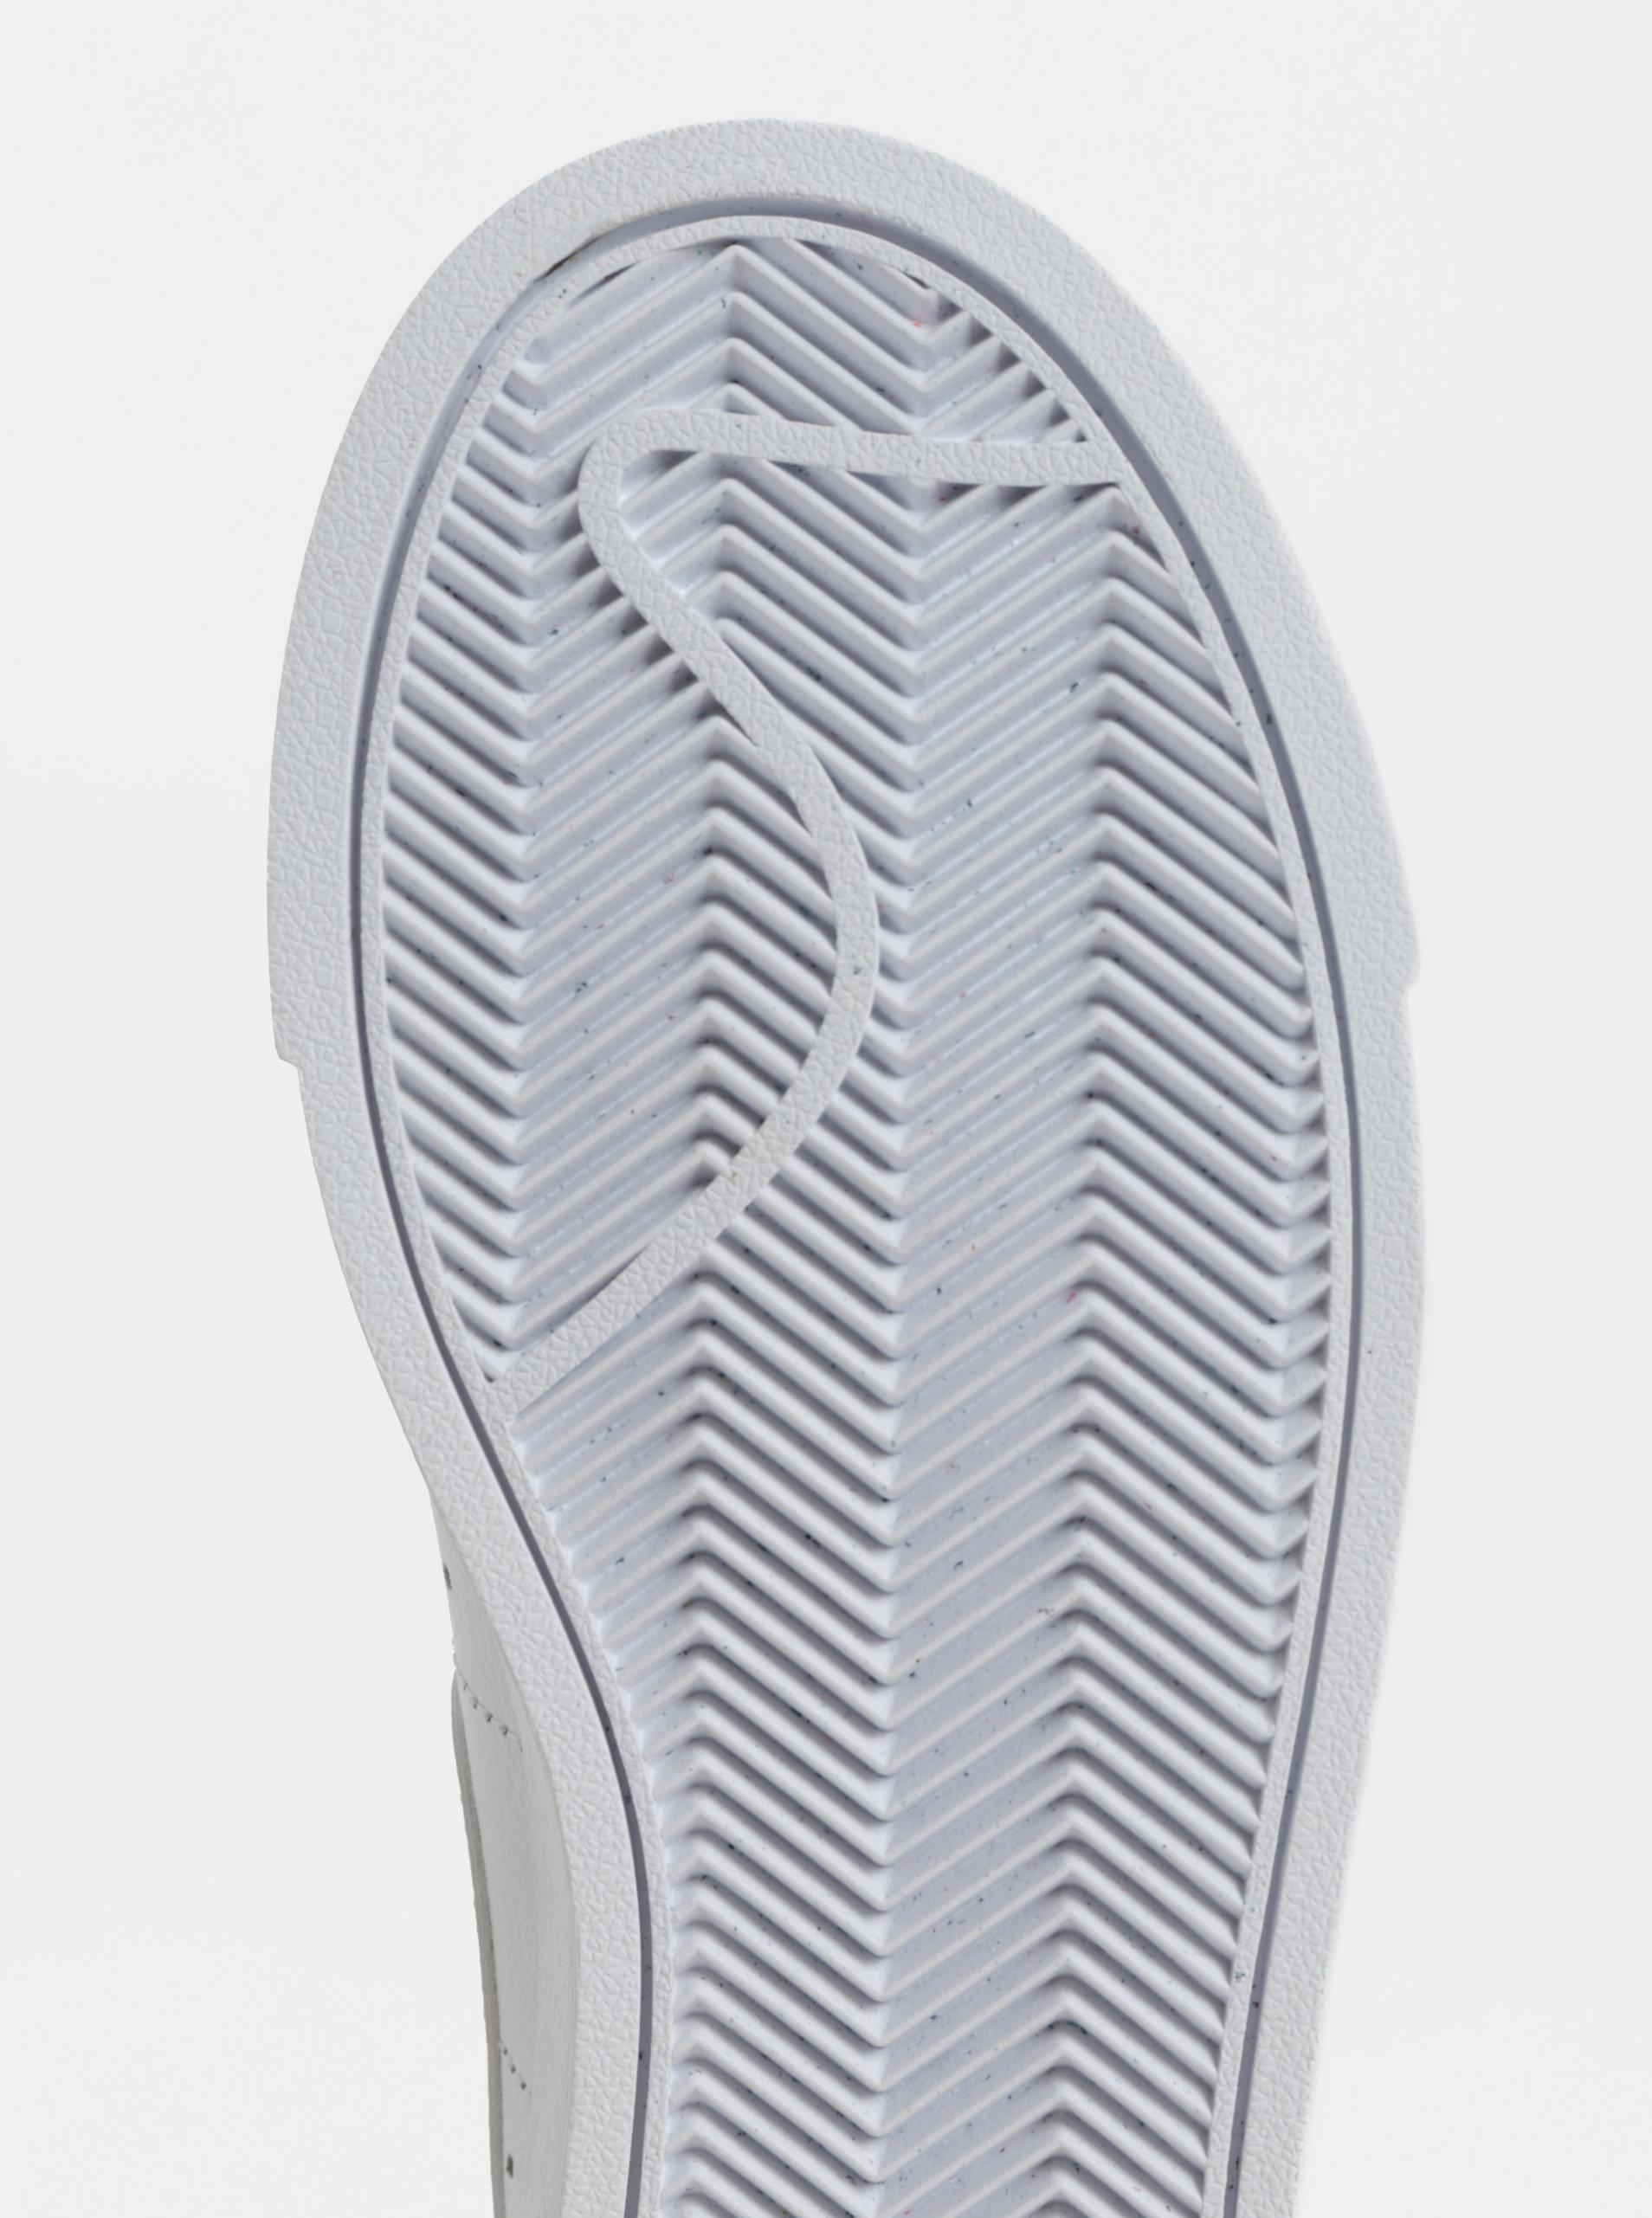 Biele dámske kožené tenisky Nike Blazer Low Leather ... 8757b430e5